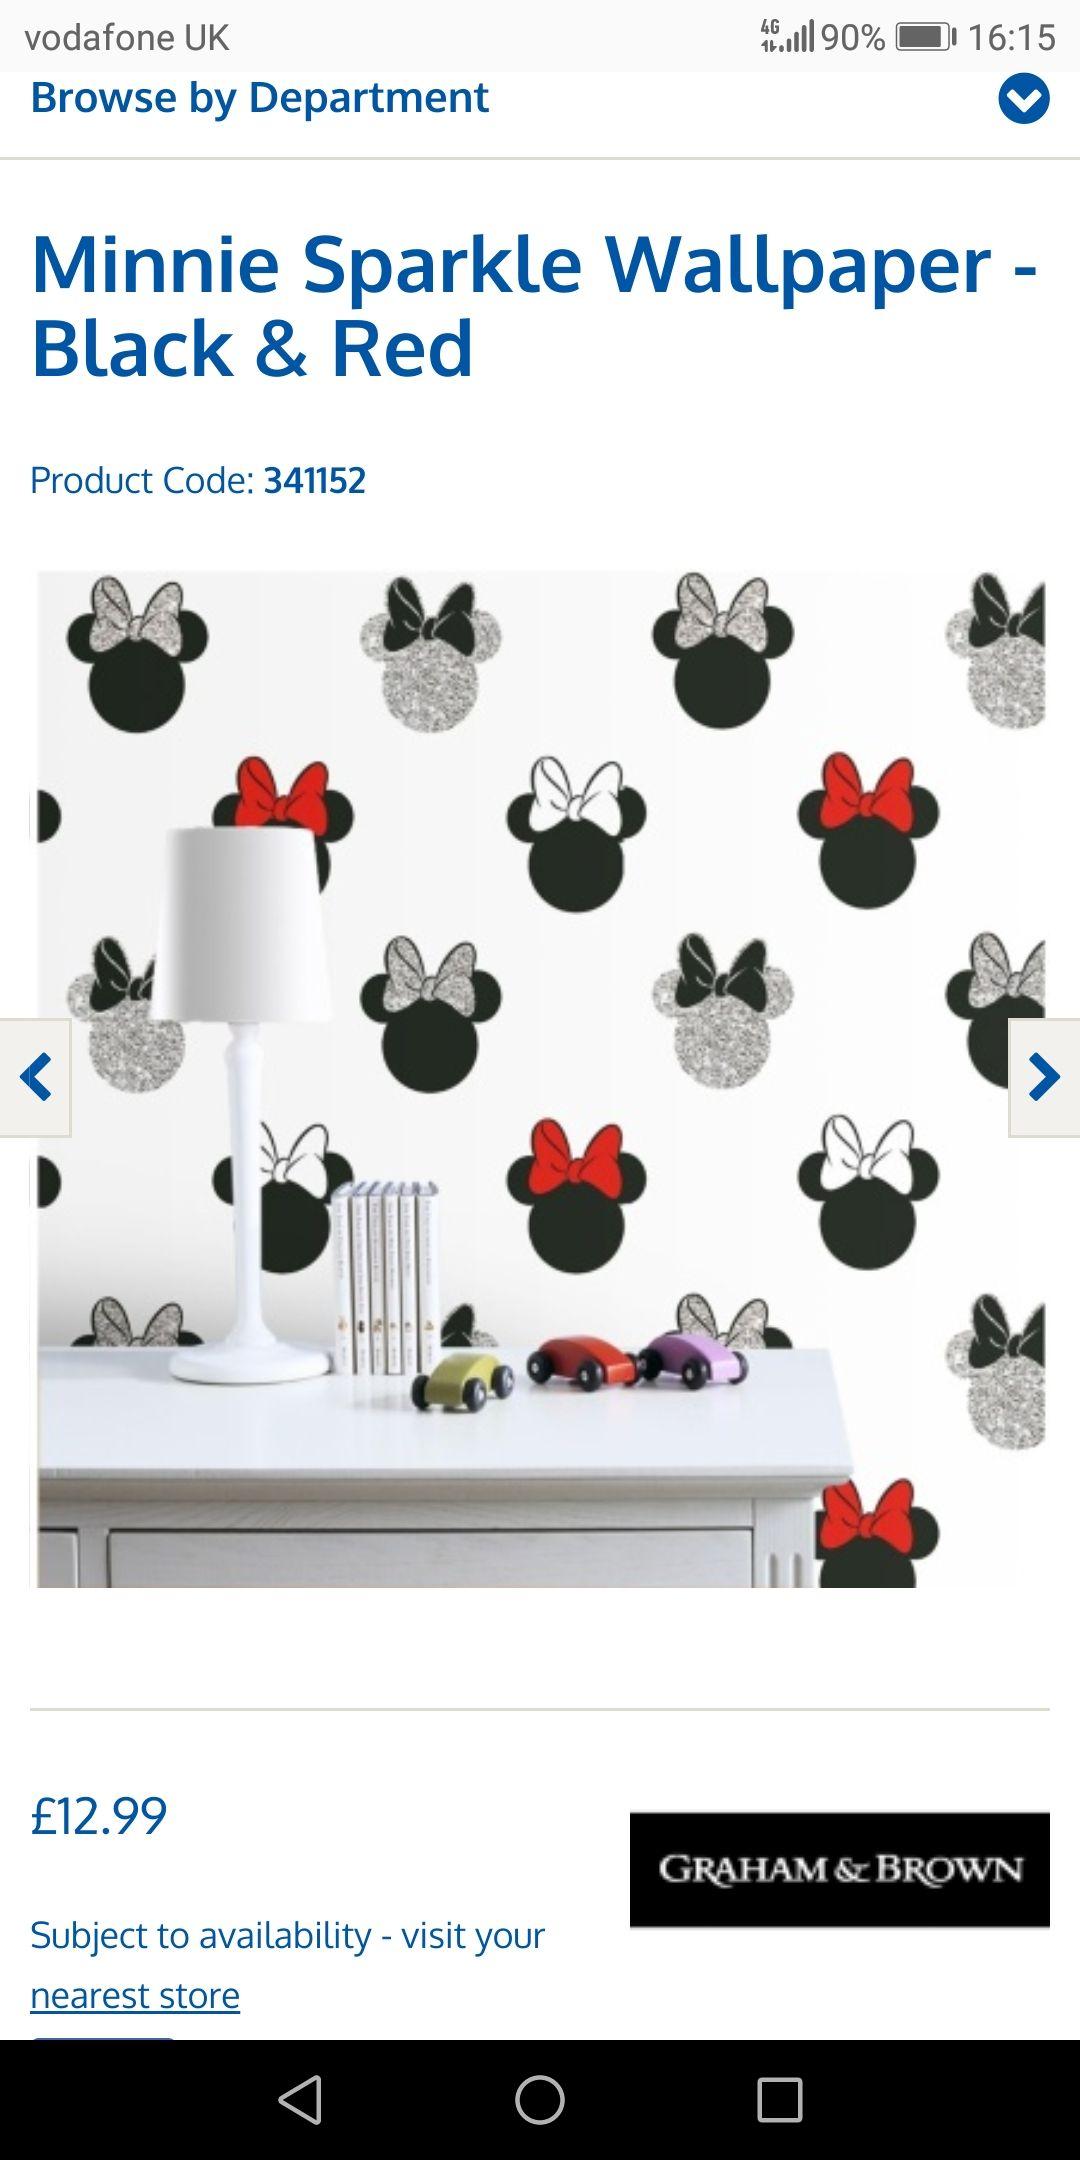 Minnie sparkle wallpaper @ b&m - £12.99